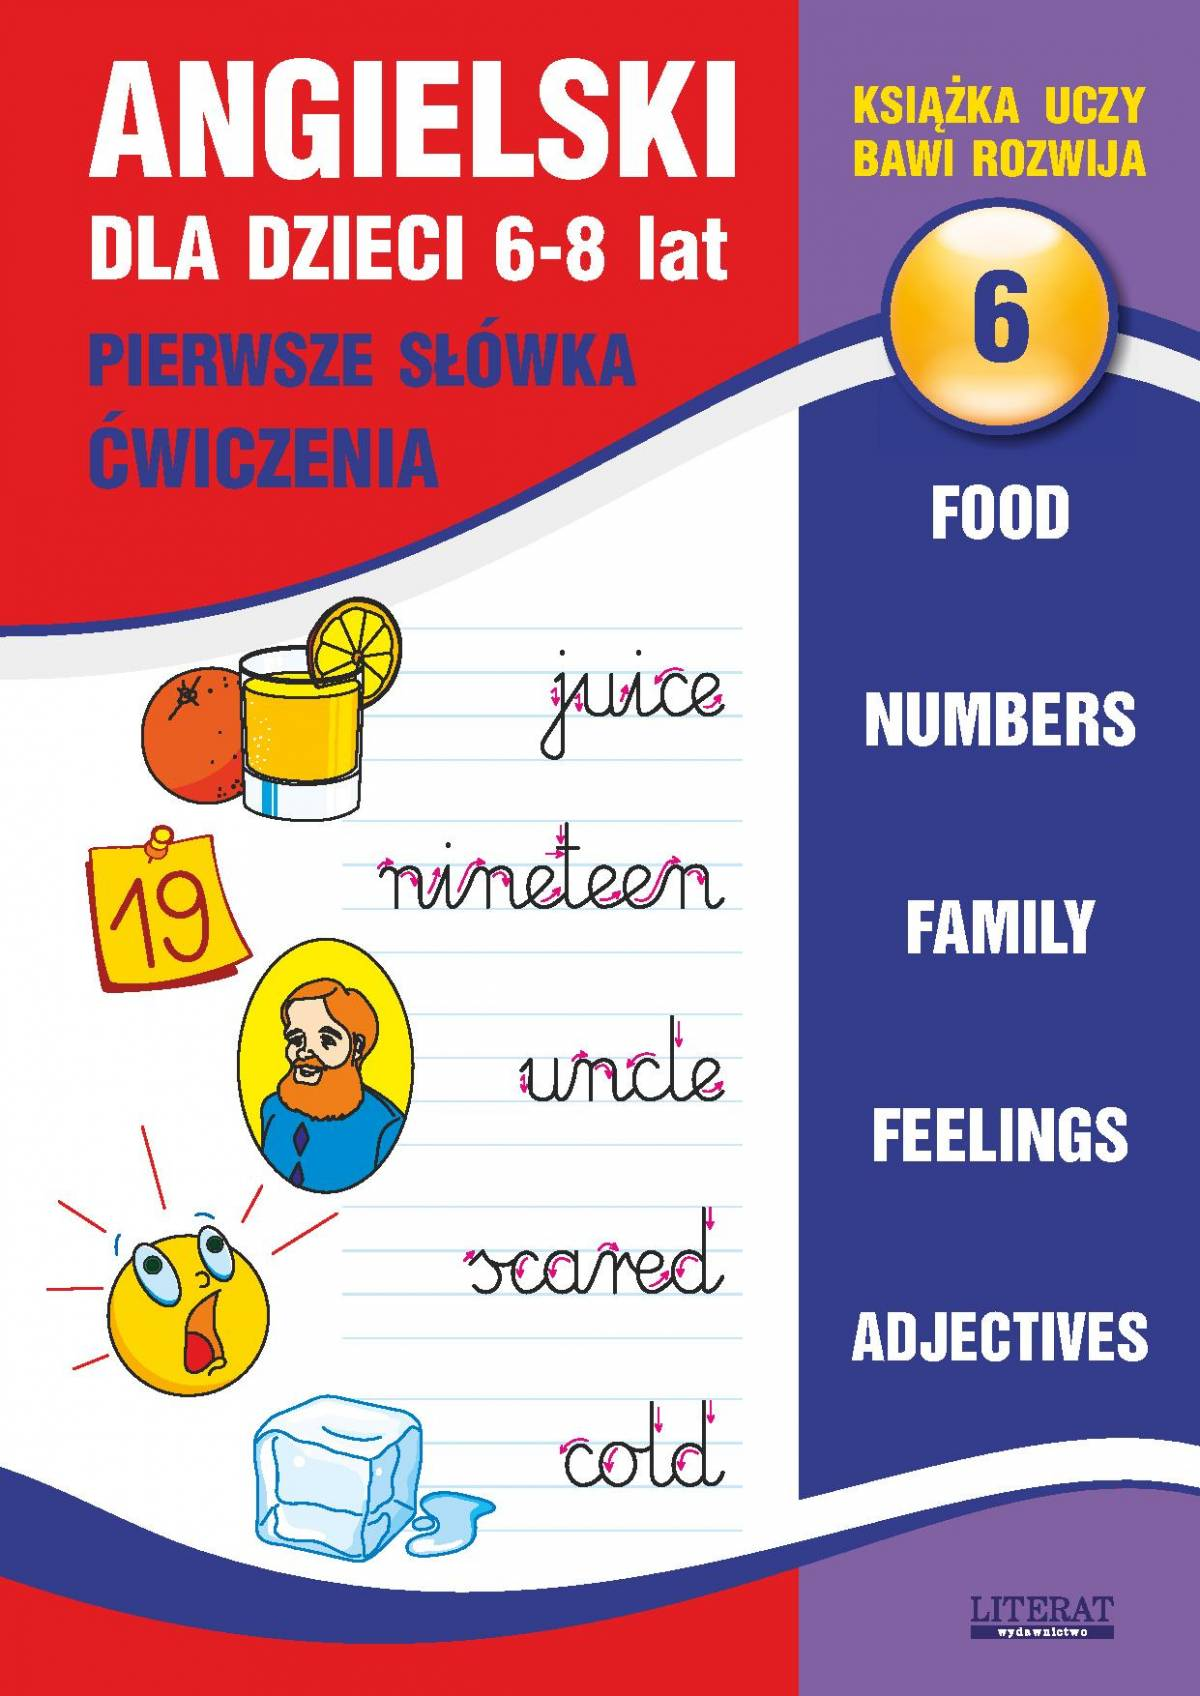 Angielski dla dzieci 6. Pierwsze słówka. Ćwiczenia. 6-8 lat. Food. Numbers. Family. Feelings. Adjectives - Ebook (Książka PDF) do pobrania w formacie PDF